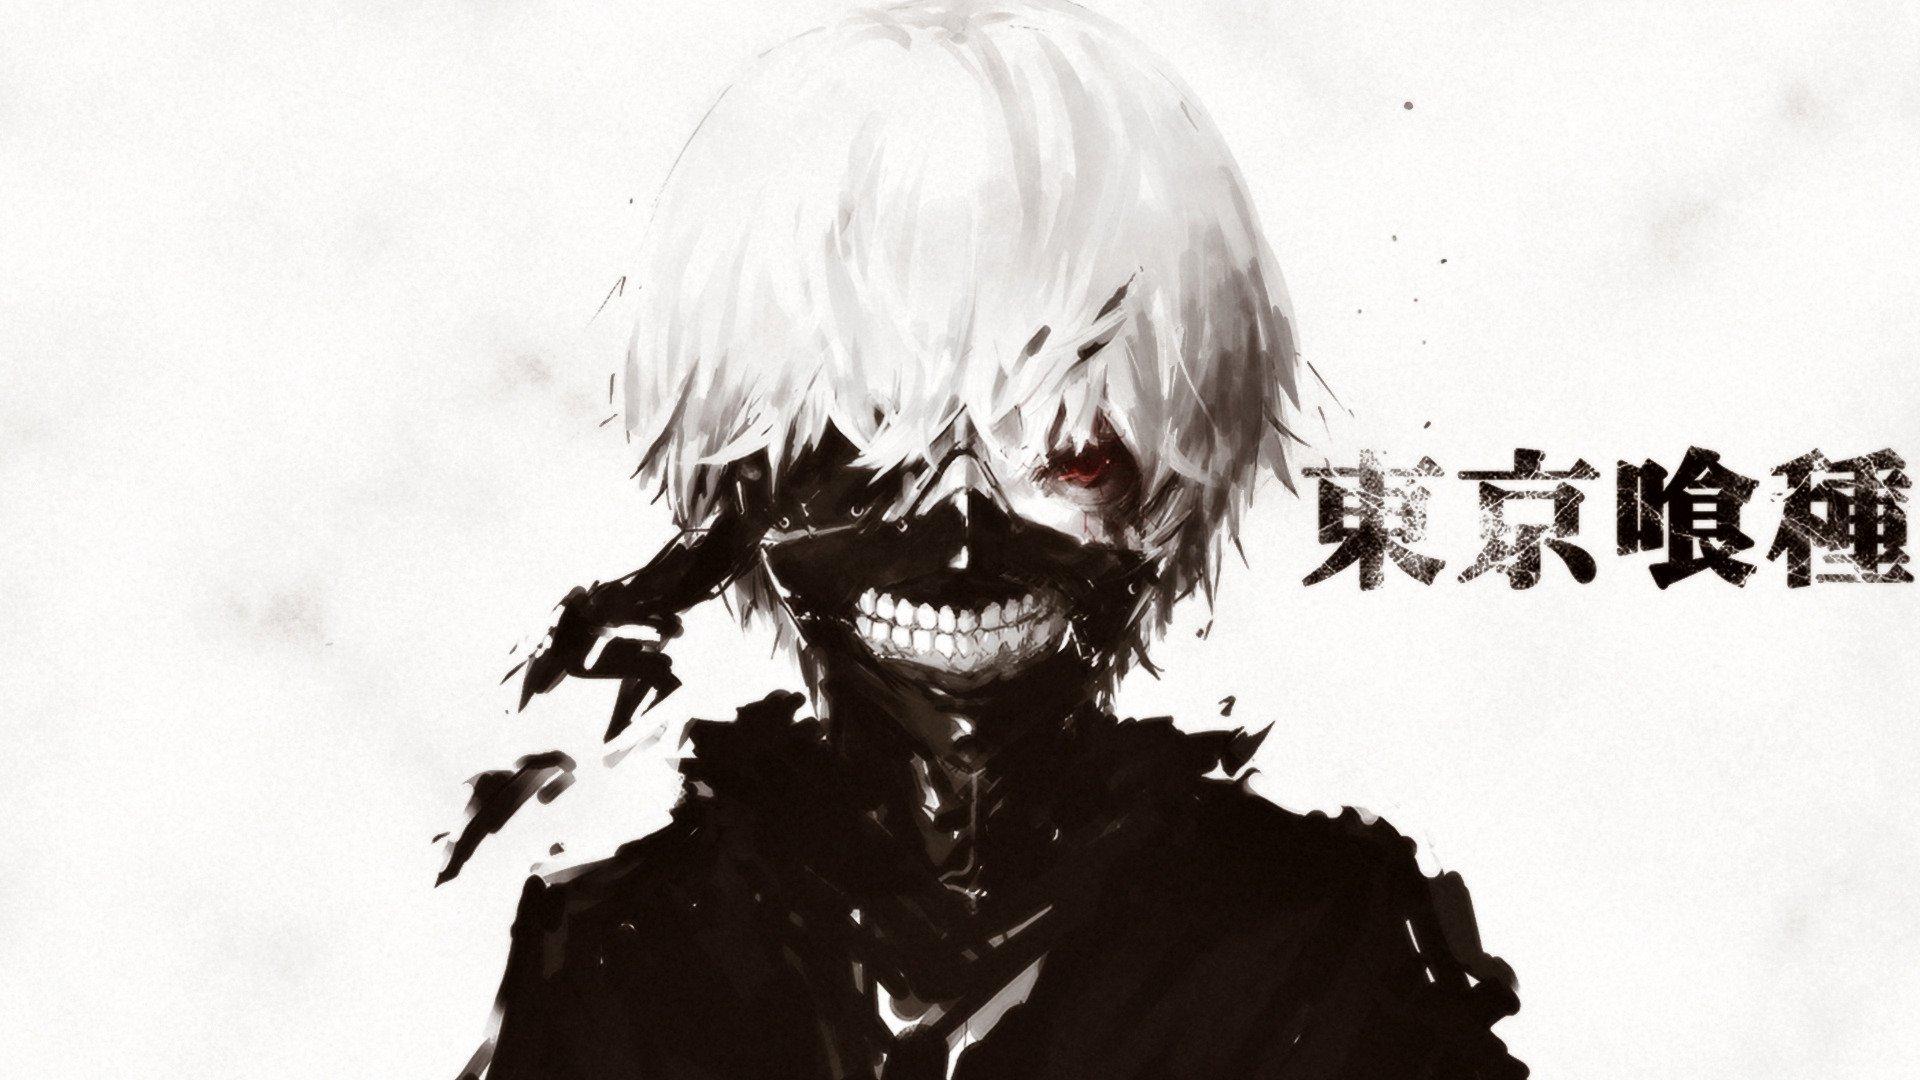 Wallpapers del anime Tokyo Ghoul en HD   Taringa 1920x1080